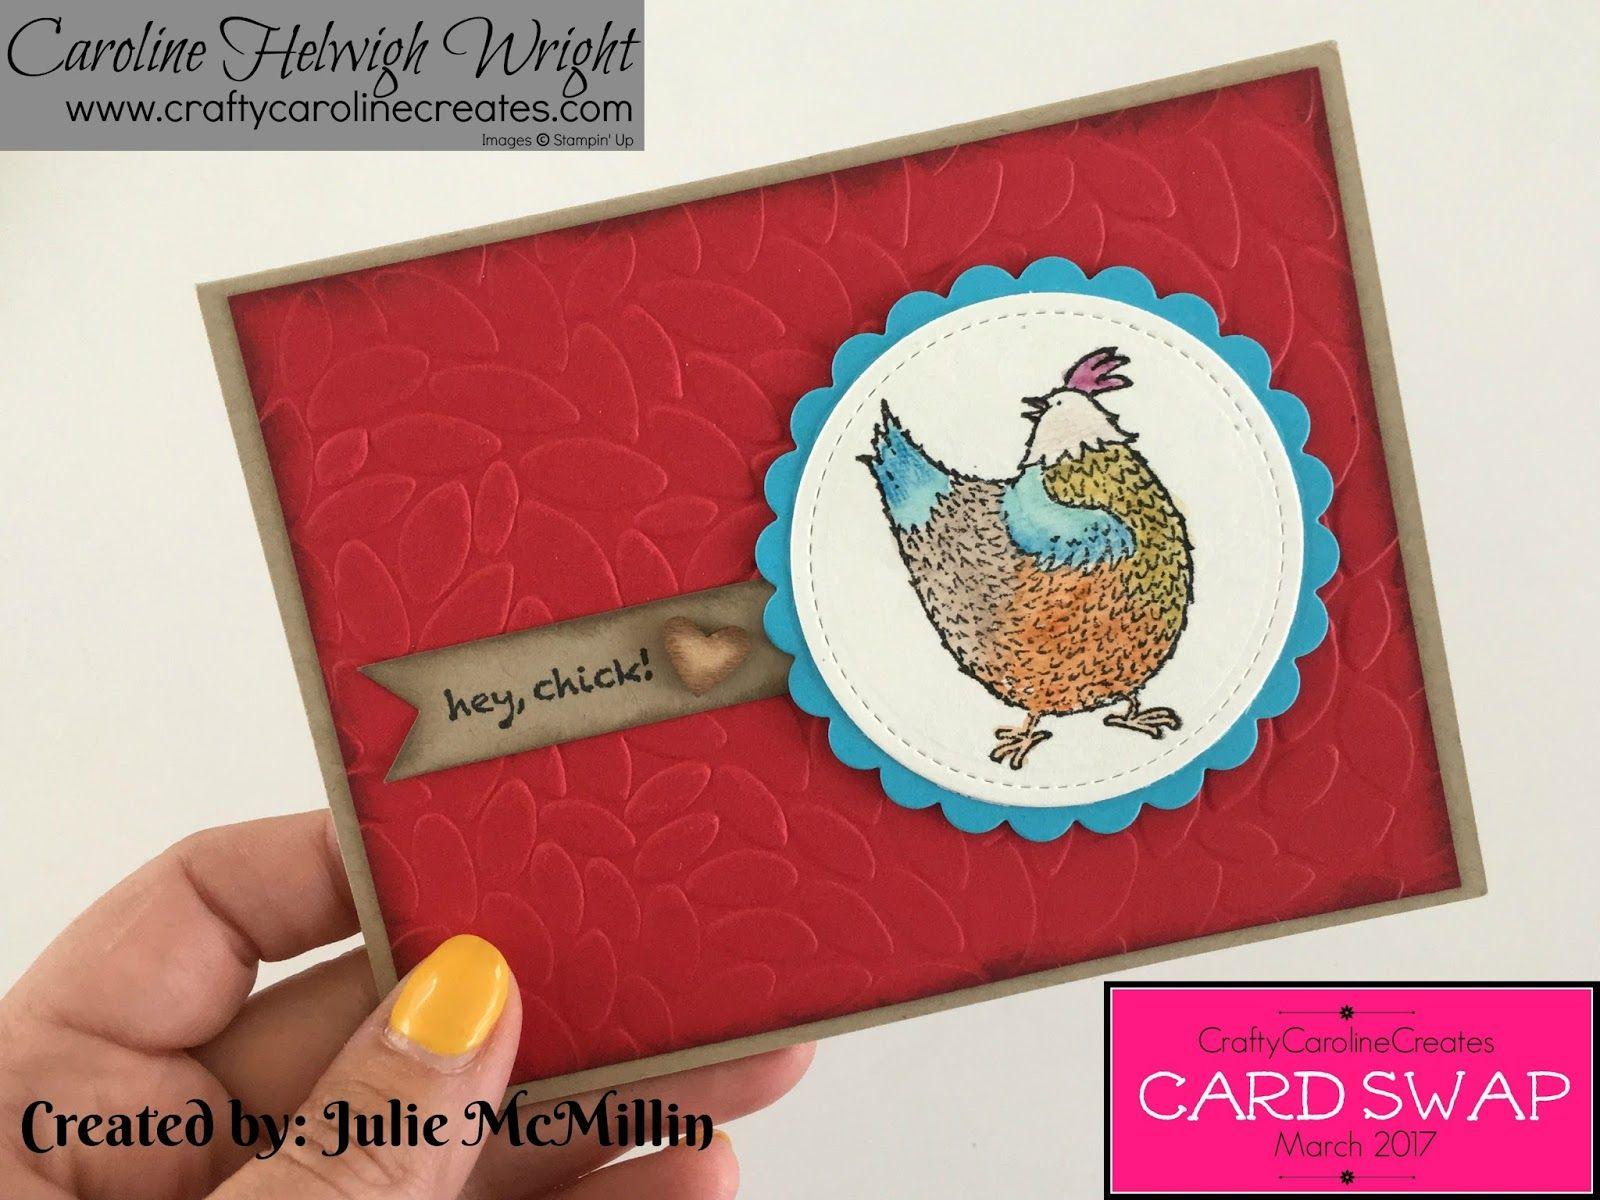 CraftyCarolineCreates March Card Swap Showcase